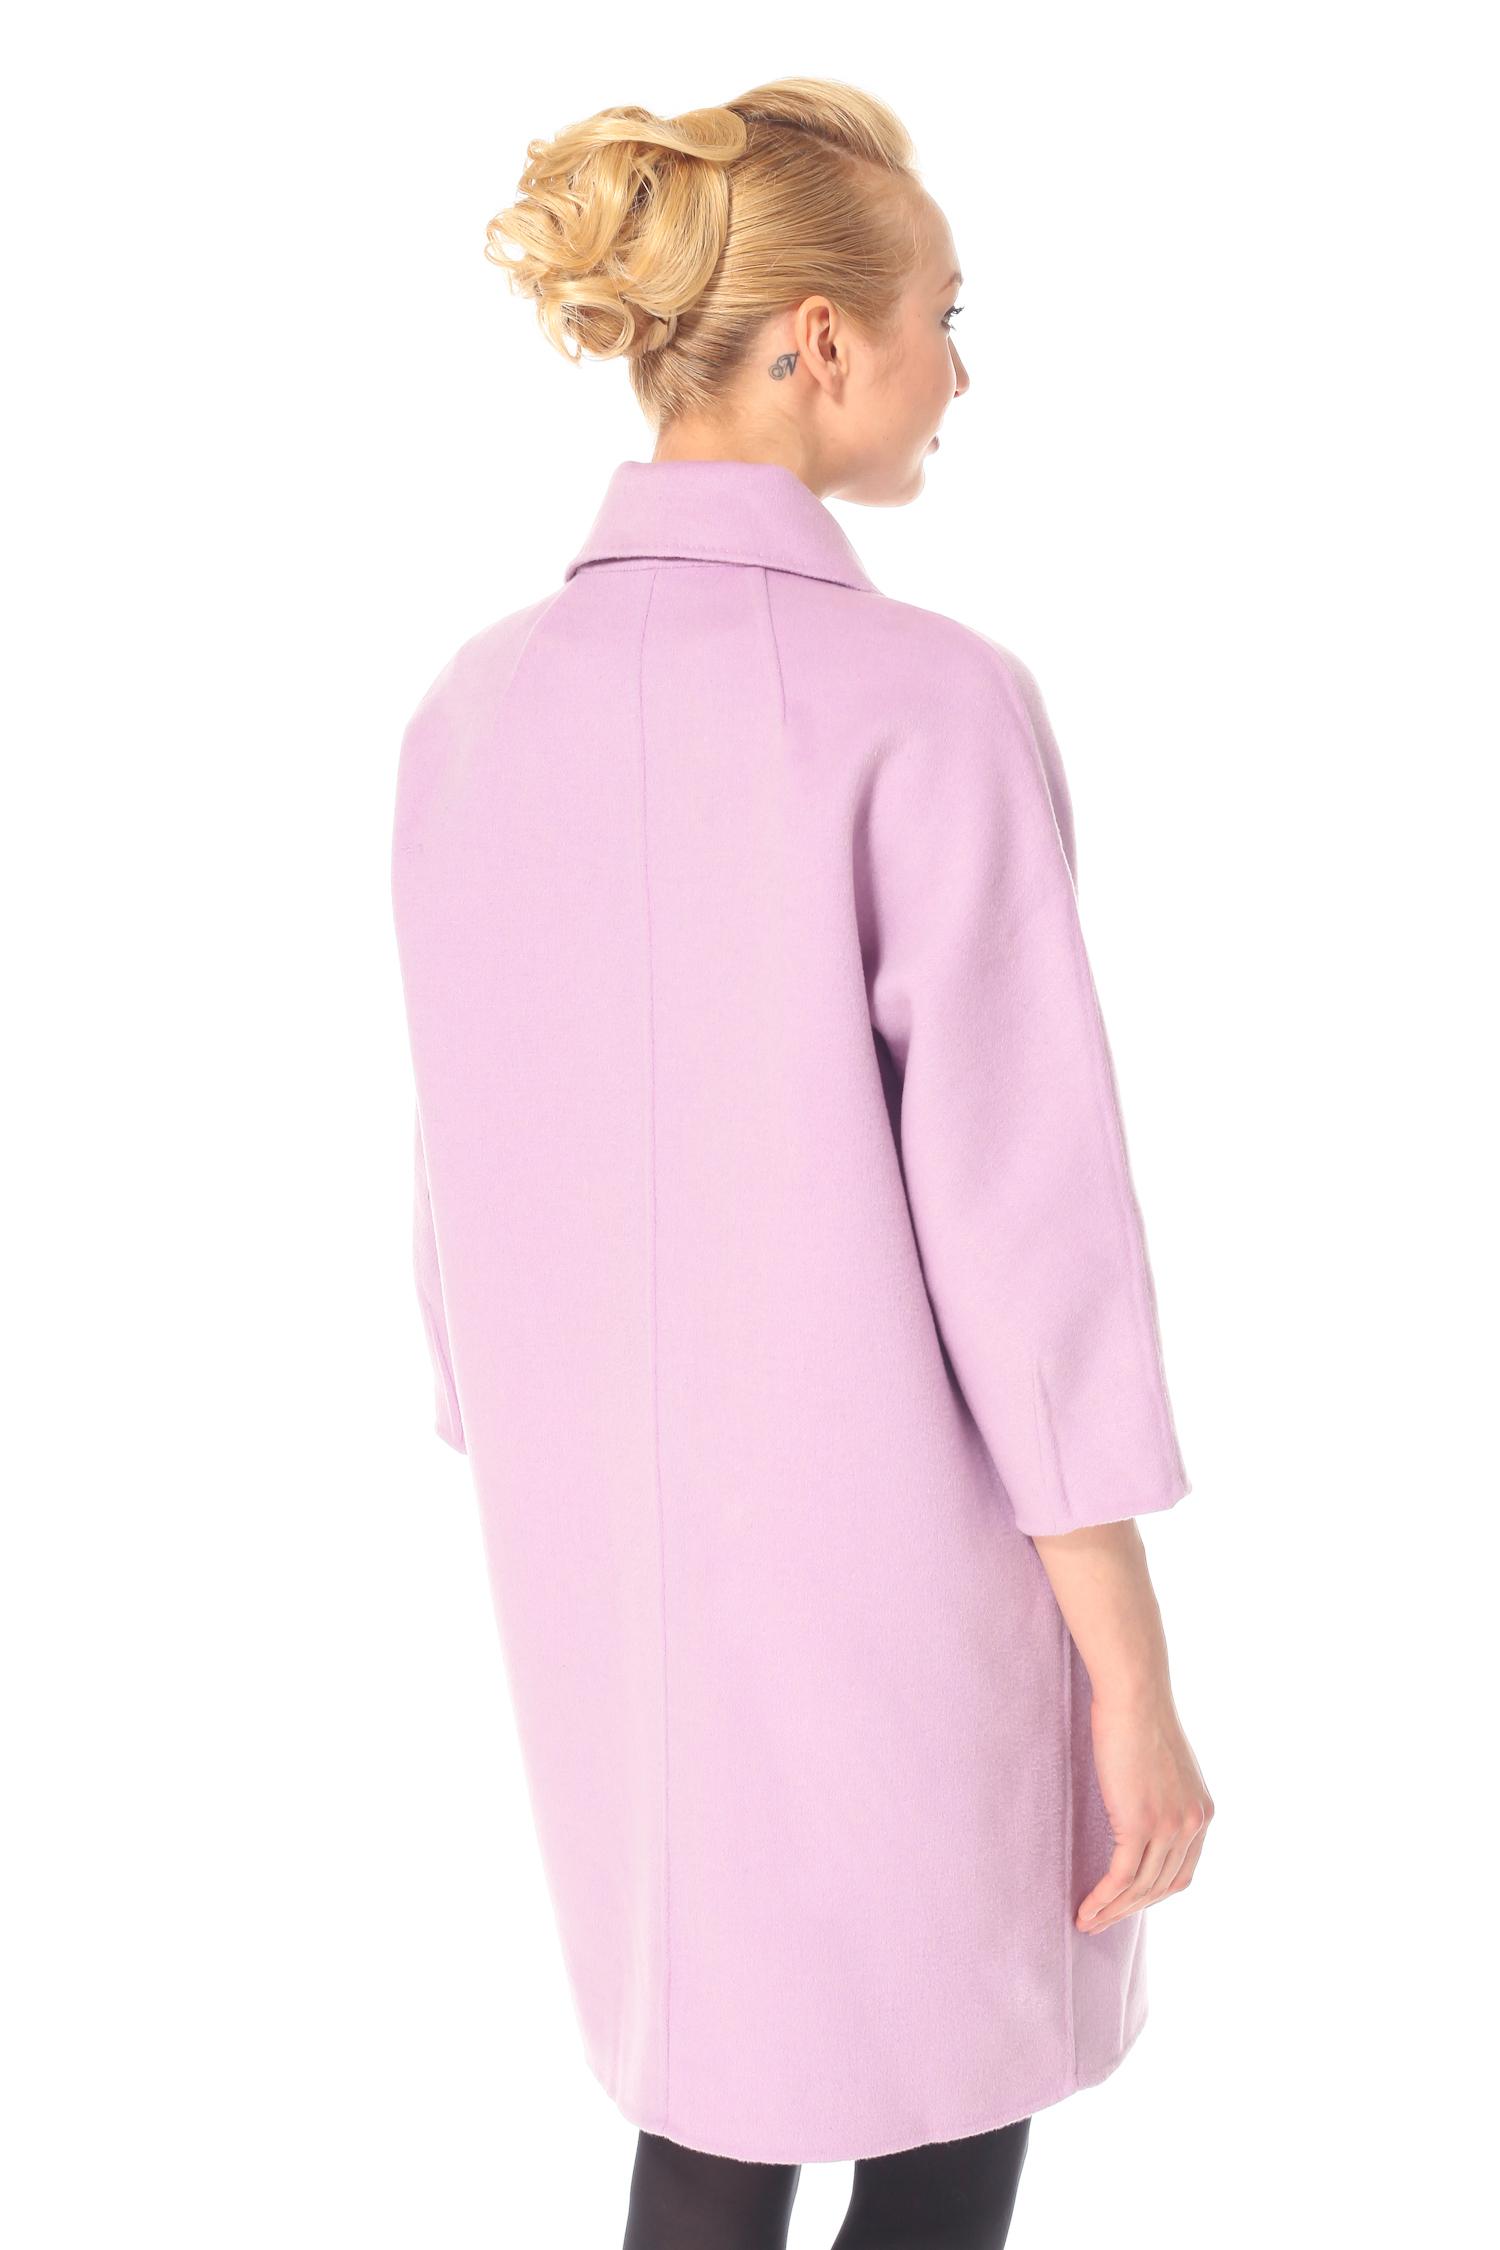 Фото 8 - Женское пальто из текстиля с воротником от МОСМЕХА цвета фуксия